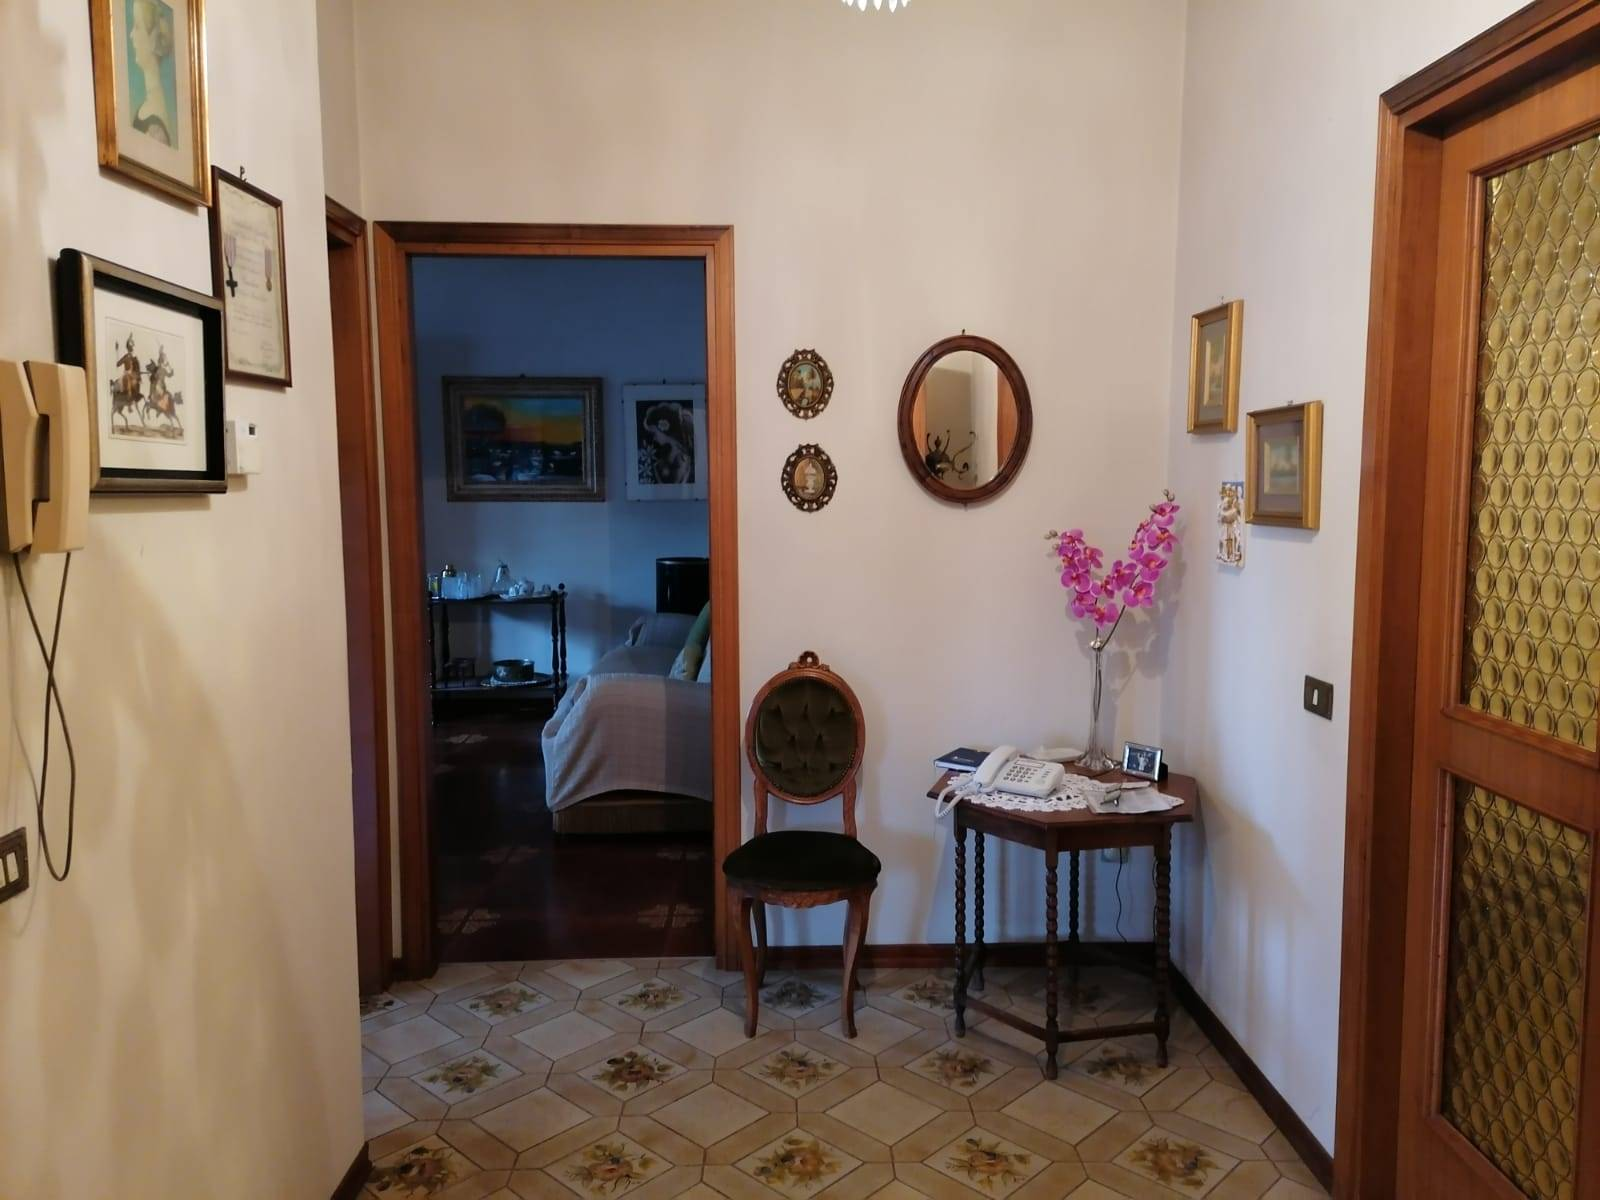 Villa in Vendita a Campi bisenzio zona  - immagine 21